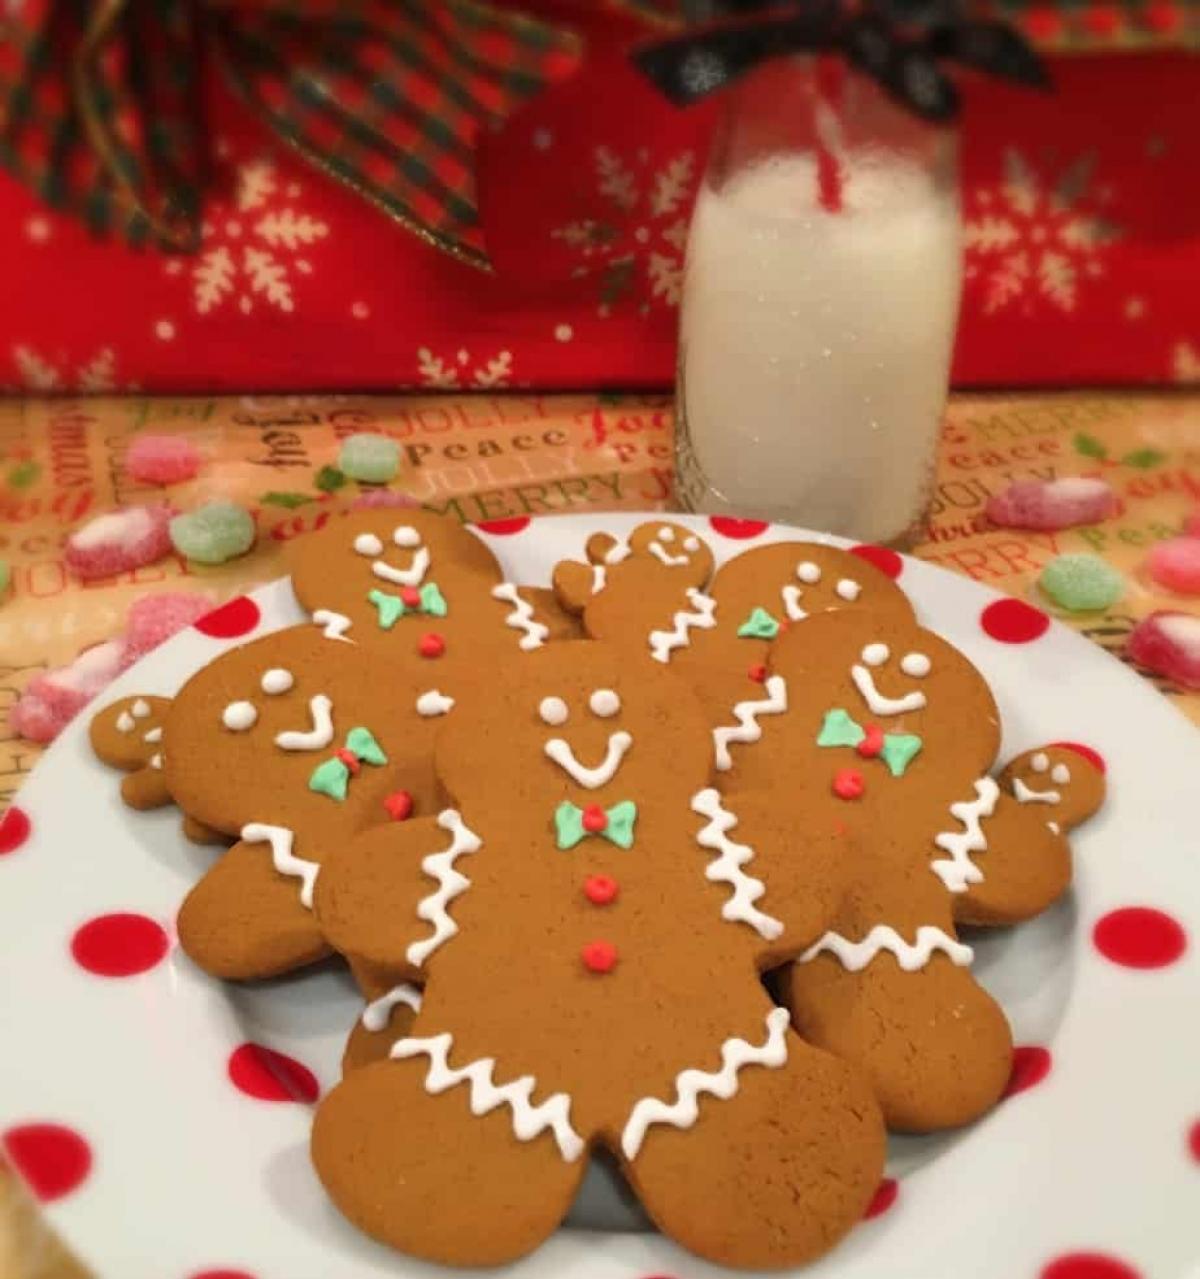 Bánh quy gừng thơm ngon giòn tan trong ngày lễ Giáng sinh